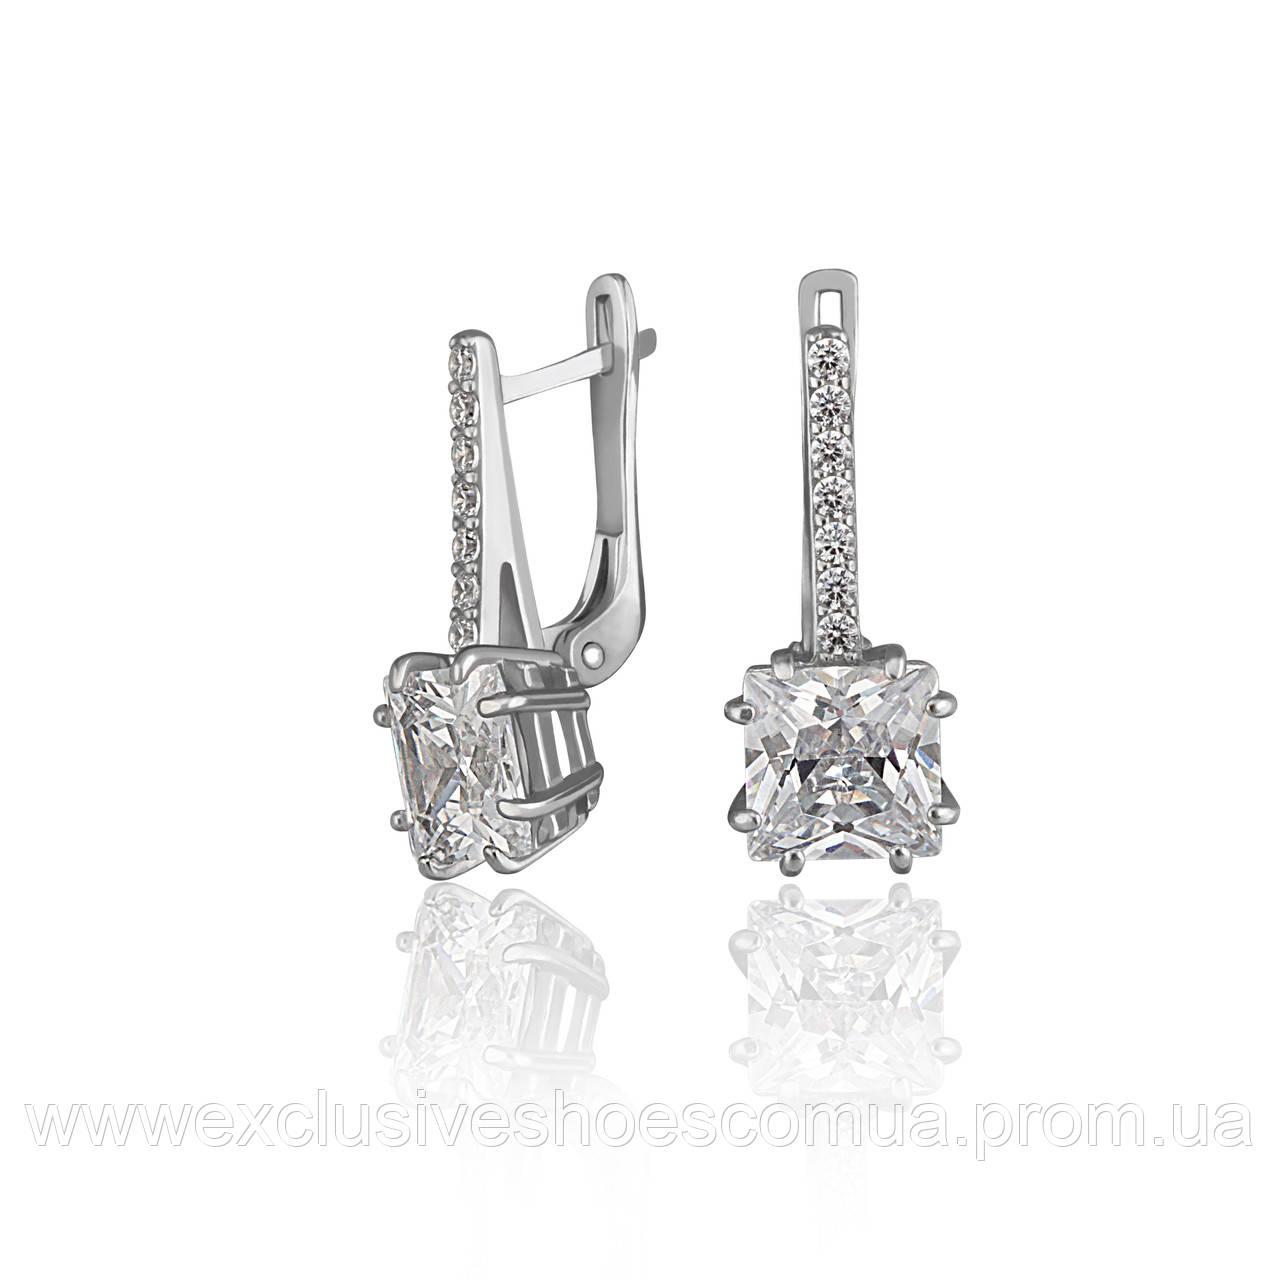 Серебряные серьги с крупным квадратным фианитом, арт-920092б